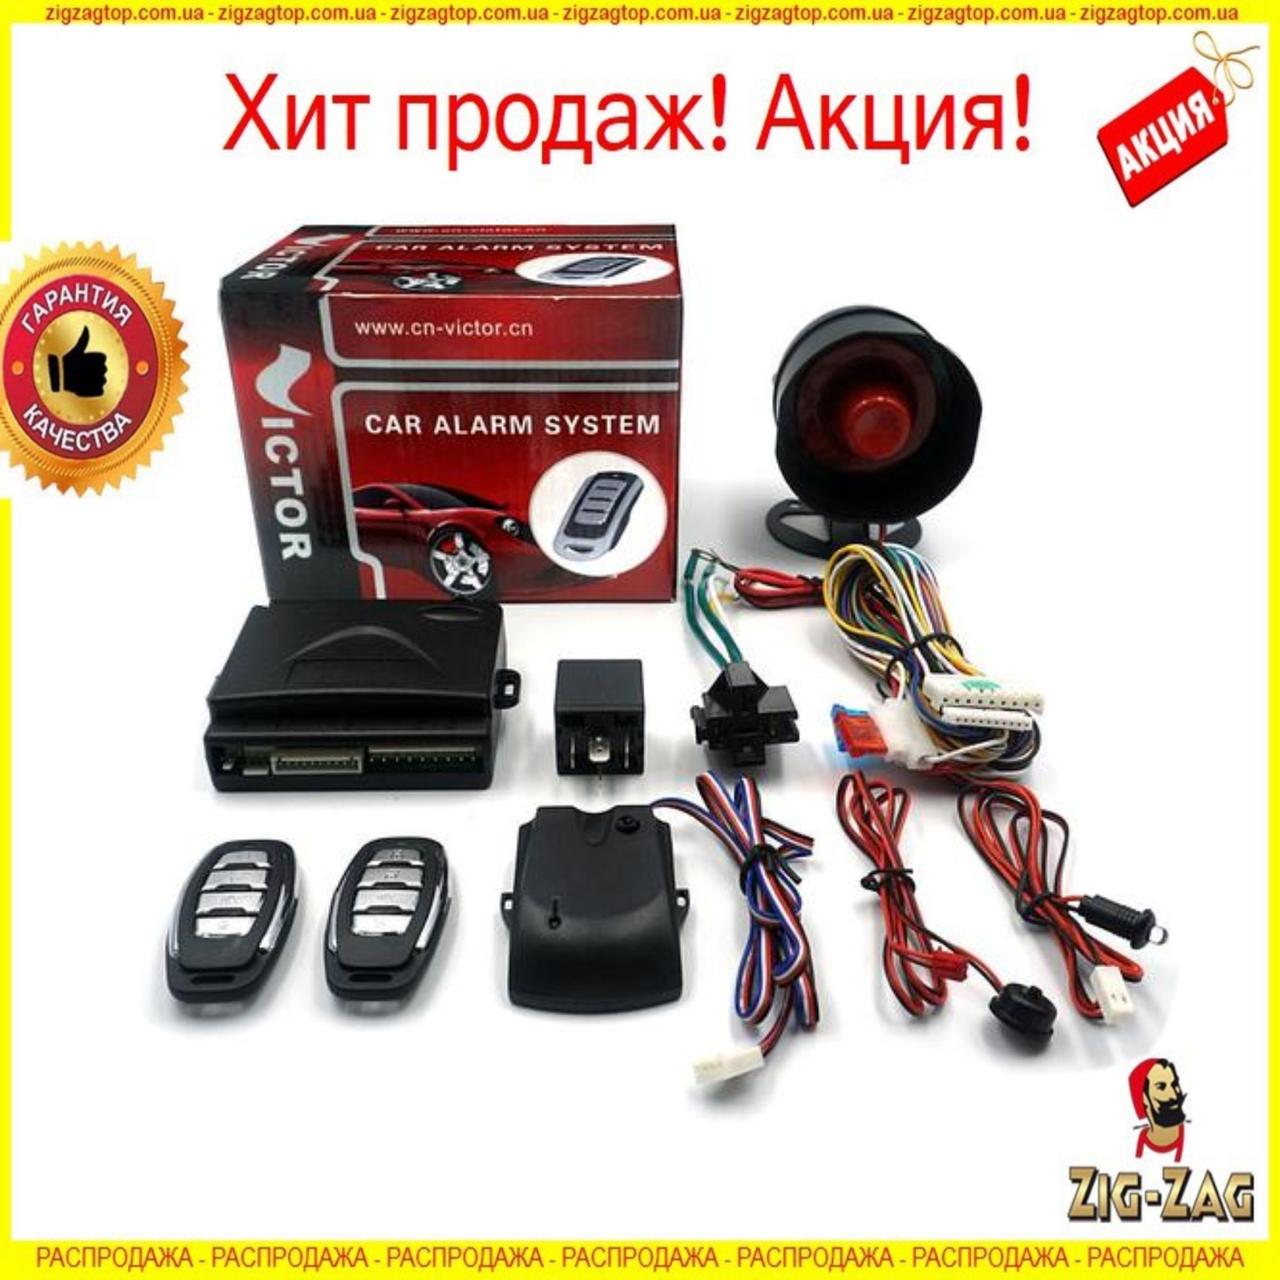 Одностороння автосигналізація c Сиреною CAR ALARM SYSTEM CZ001 Протикрадій Автомобільна Сигналка для АВТО